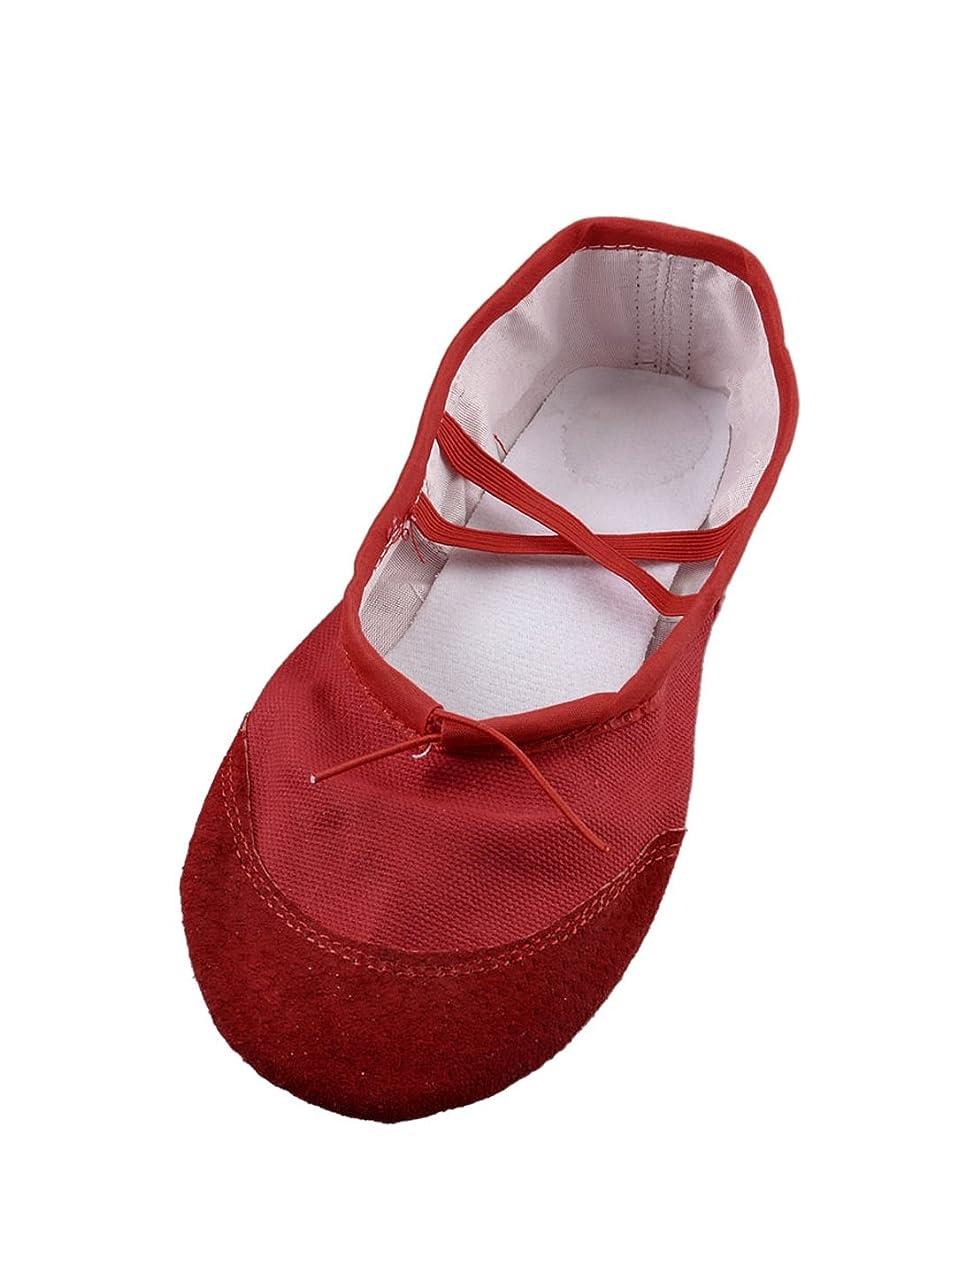 スチール壁紙お願いしますuxcell バレエシューズ ダンシングフラット靴 レッド ゴムバンド 合皮 キャンバス製 UK 3.5 女性用